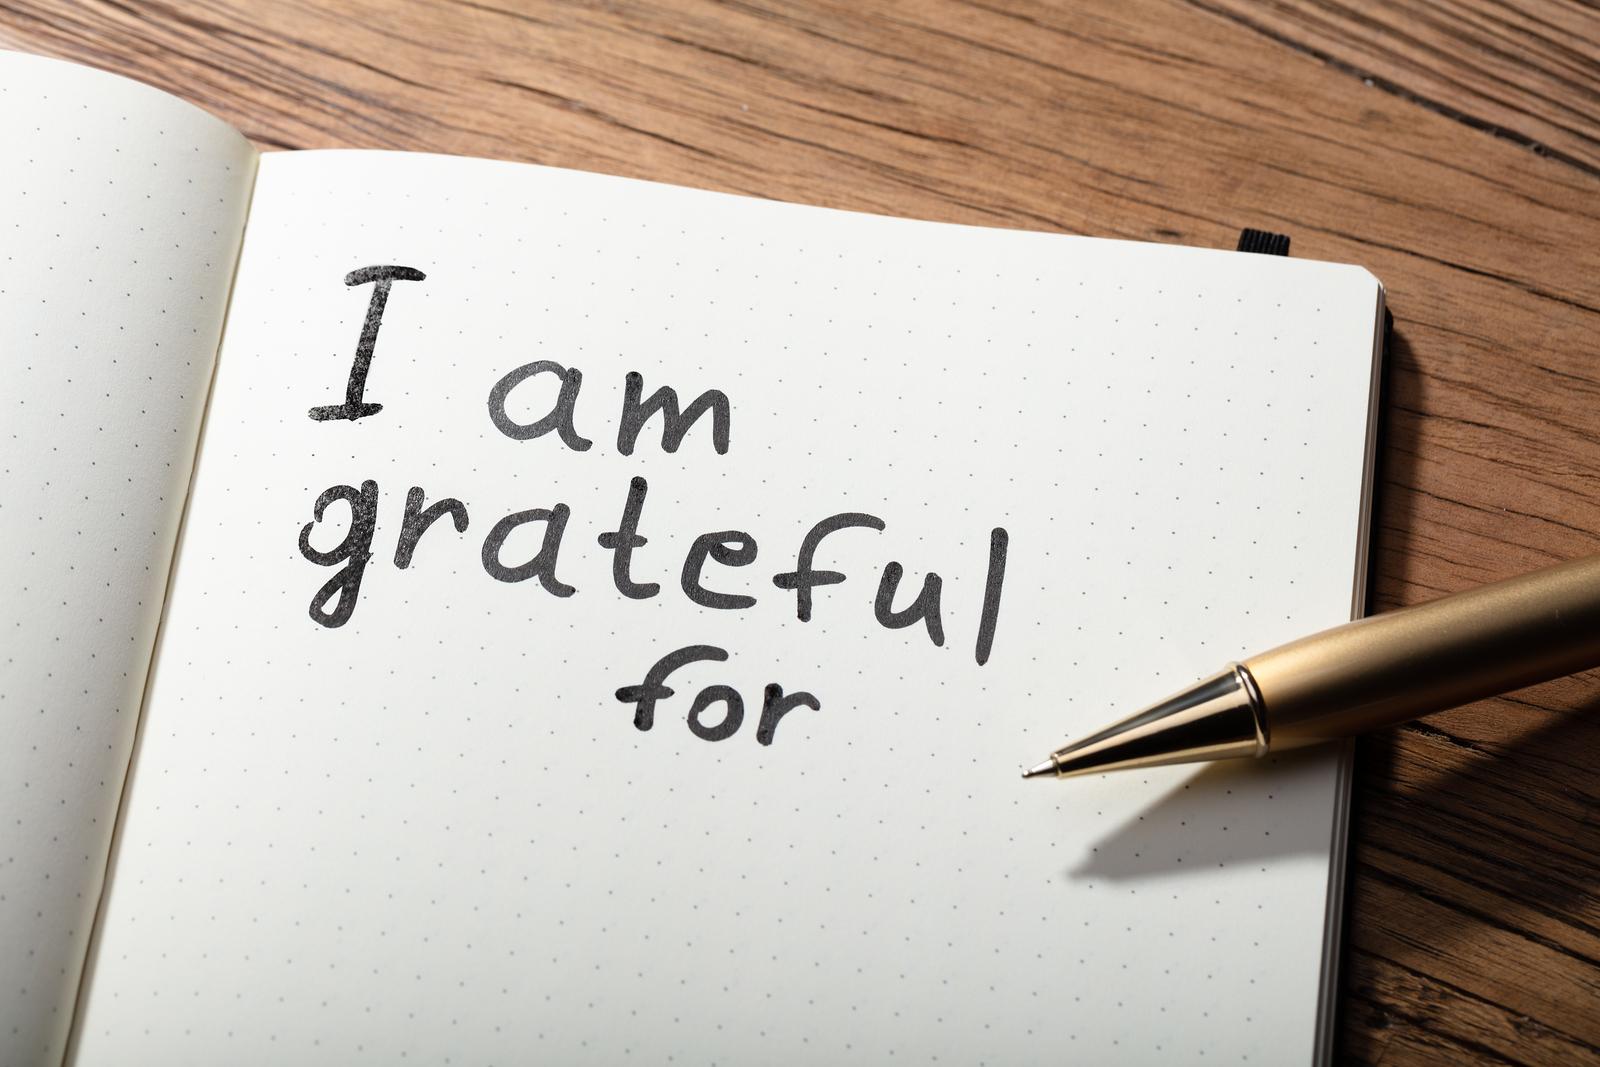 Αυτοφροντίδα: Τρεις τρόποι να εντάξετε την ευγνωμοσύνη στη ρουτίνα αυτοφροντίδας σας [vid]